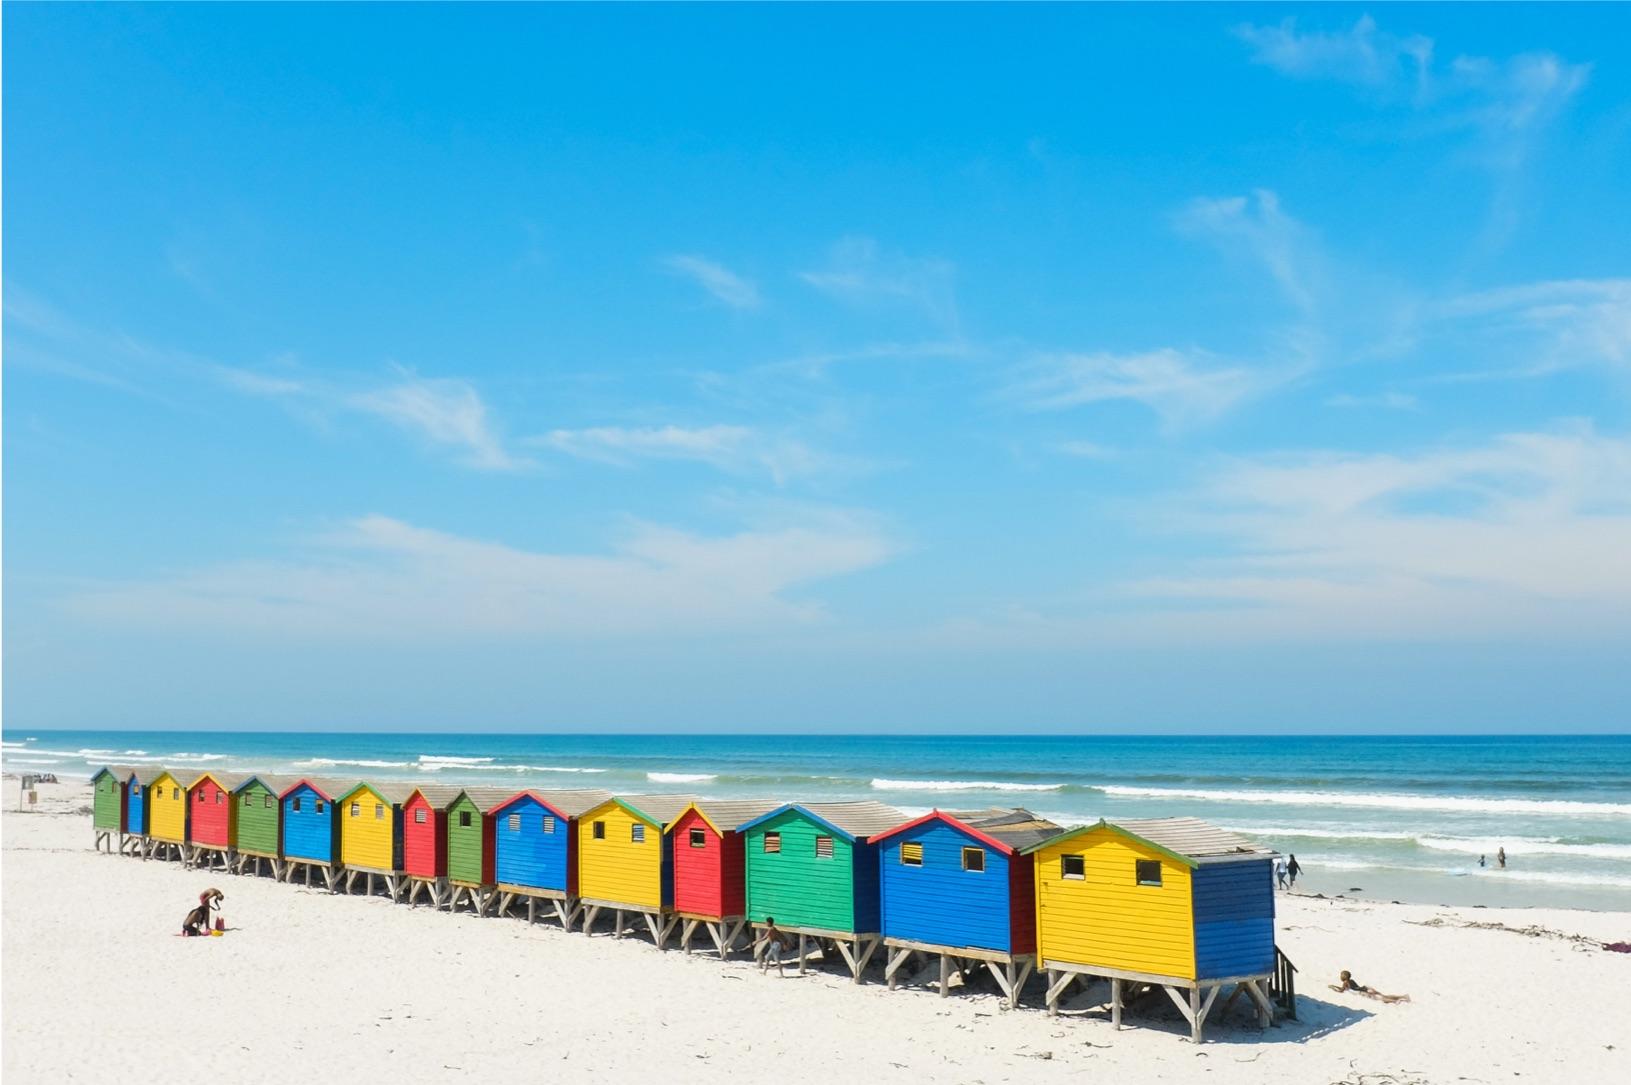 2022年 2/23 南非豪華9日遊 開普敦—約翰尼斯堡Johannesburg—太陽城 Sun City